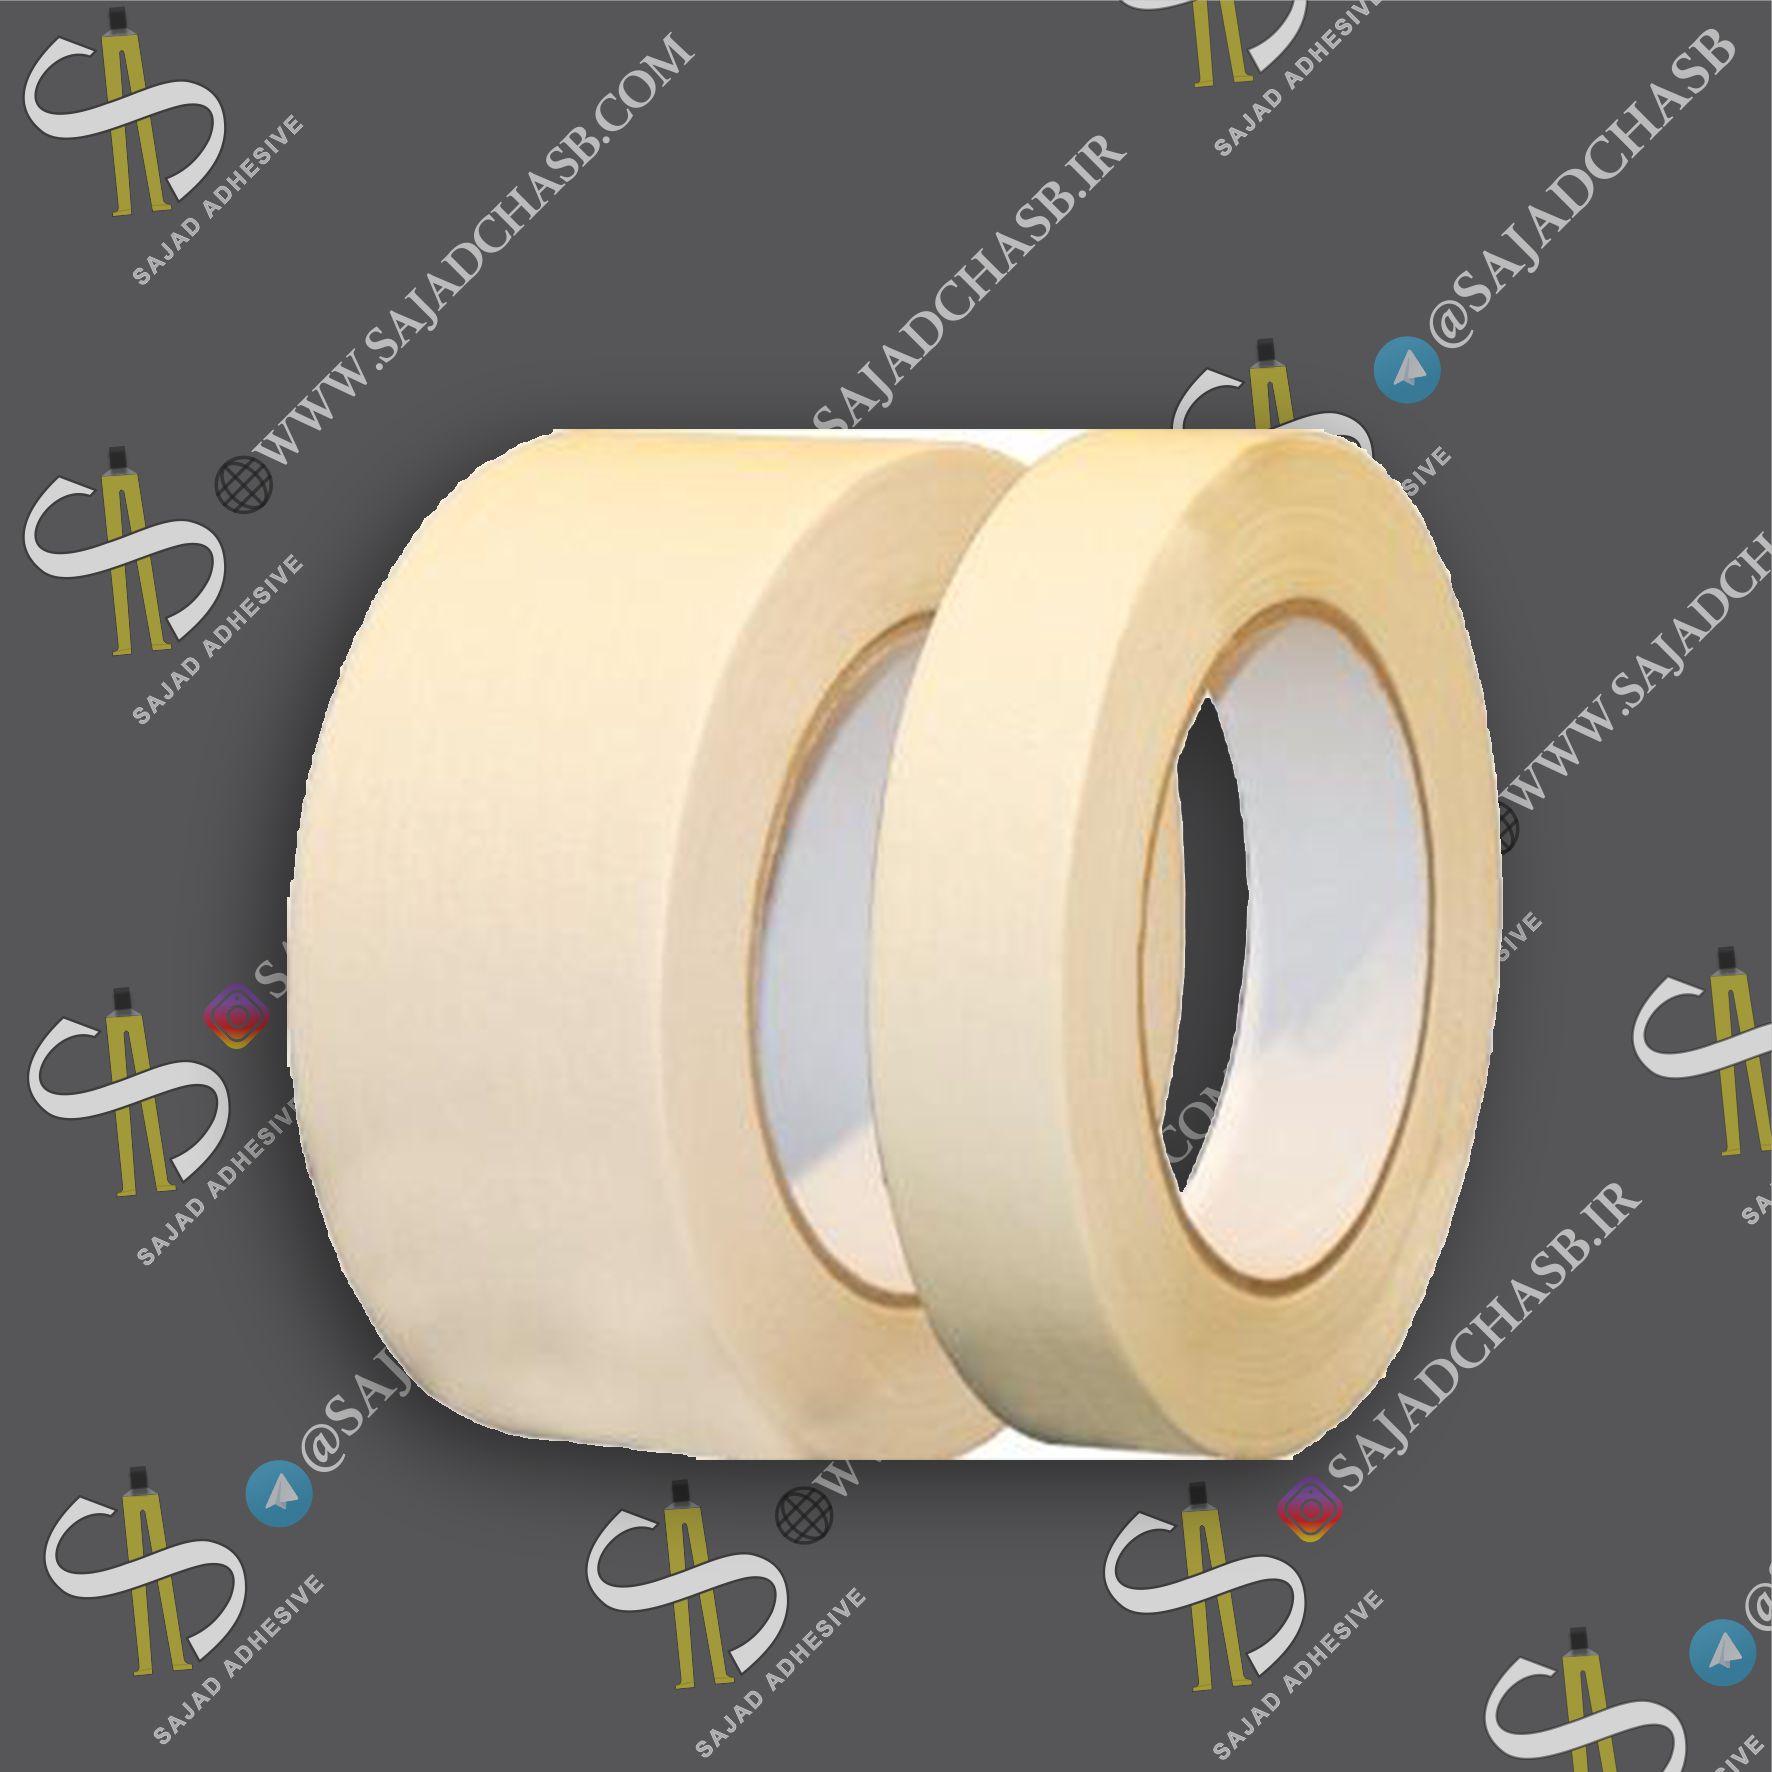 چسب های کاغذی Masking Tape